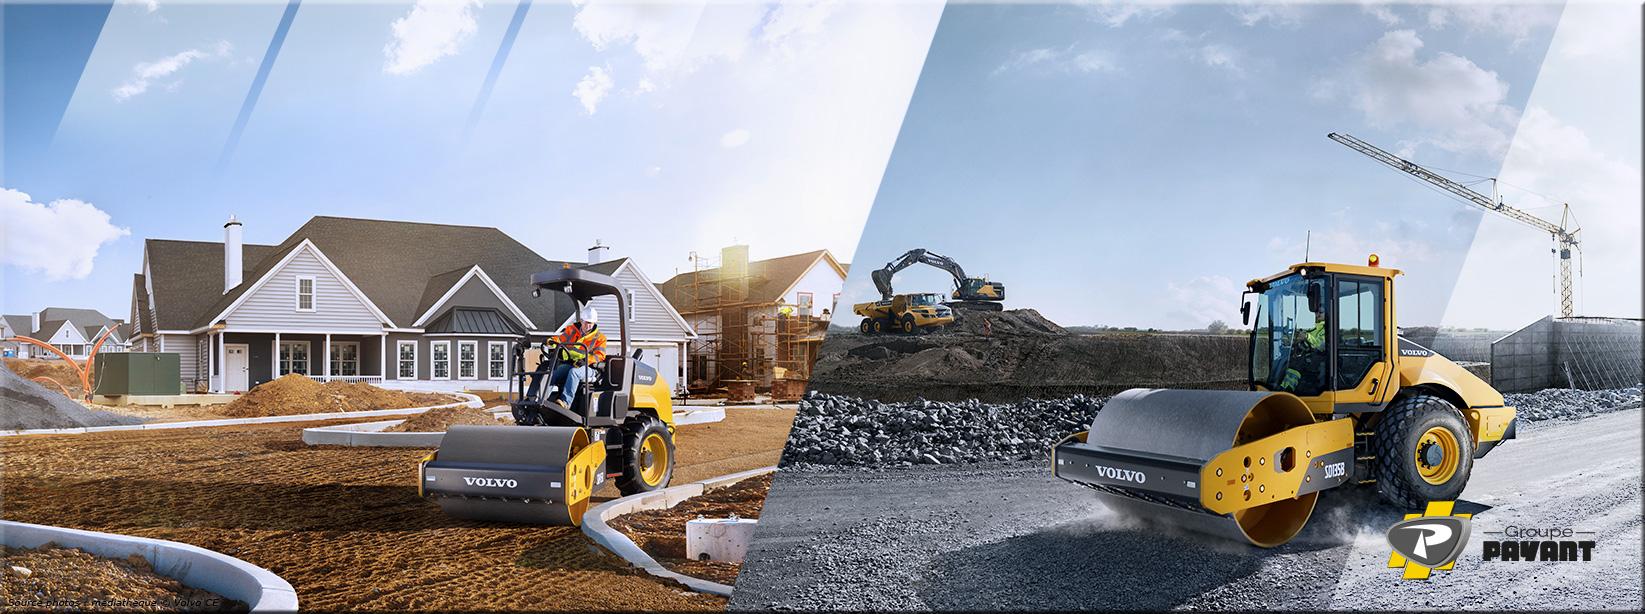 Images Compacteurs de Terrassement Volvo - Groupe Payant